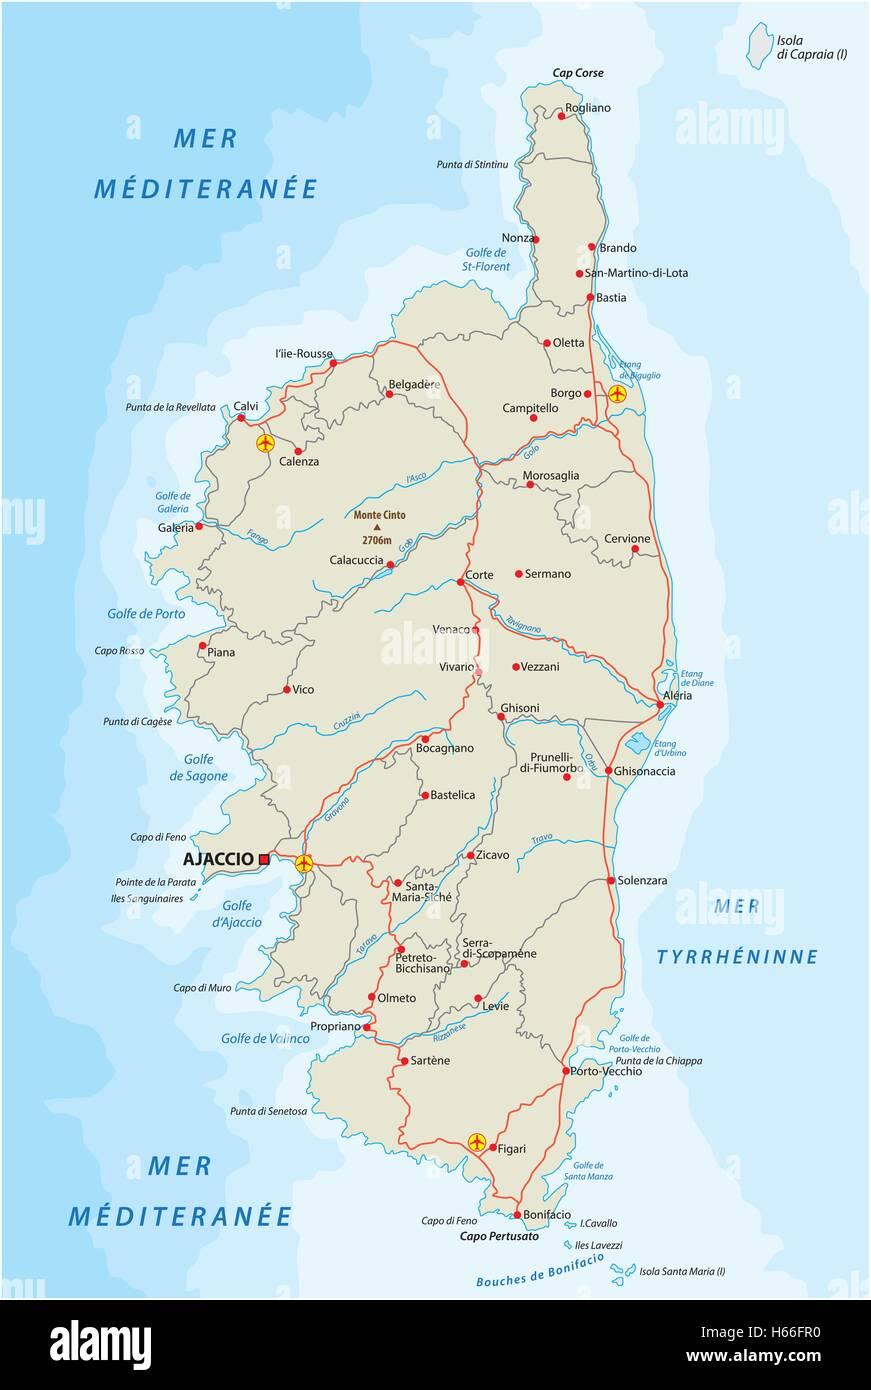 carte routiere de la corse Carte routière de l'île méditerranéenne française corse Vecteurs